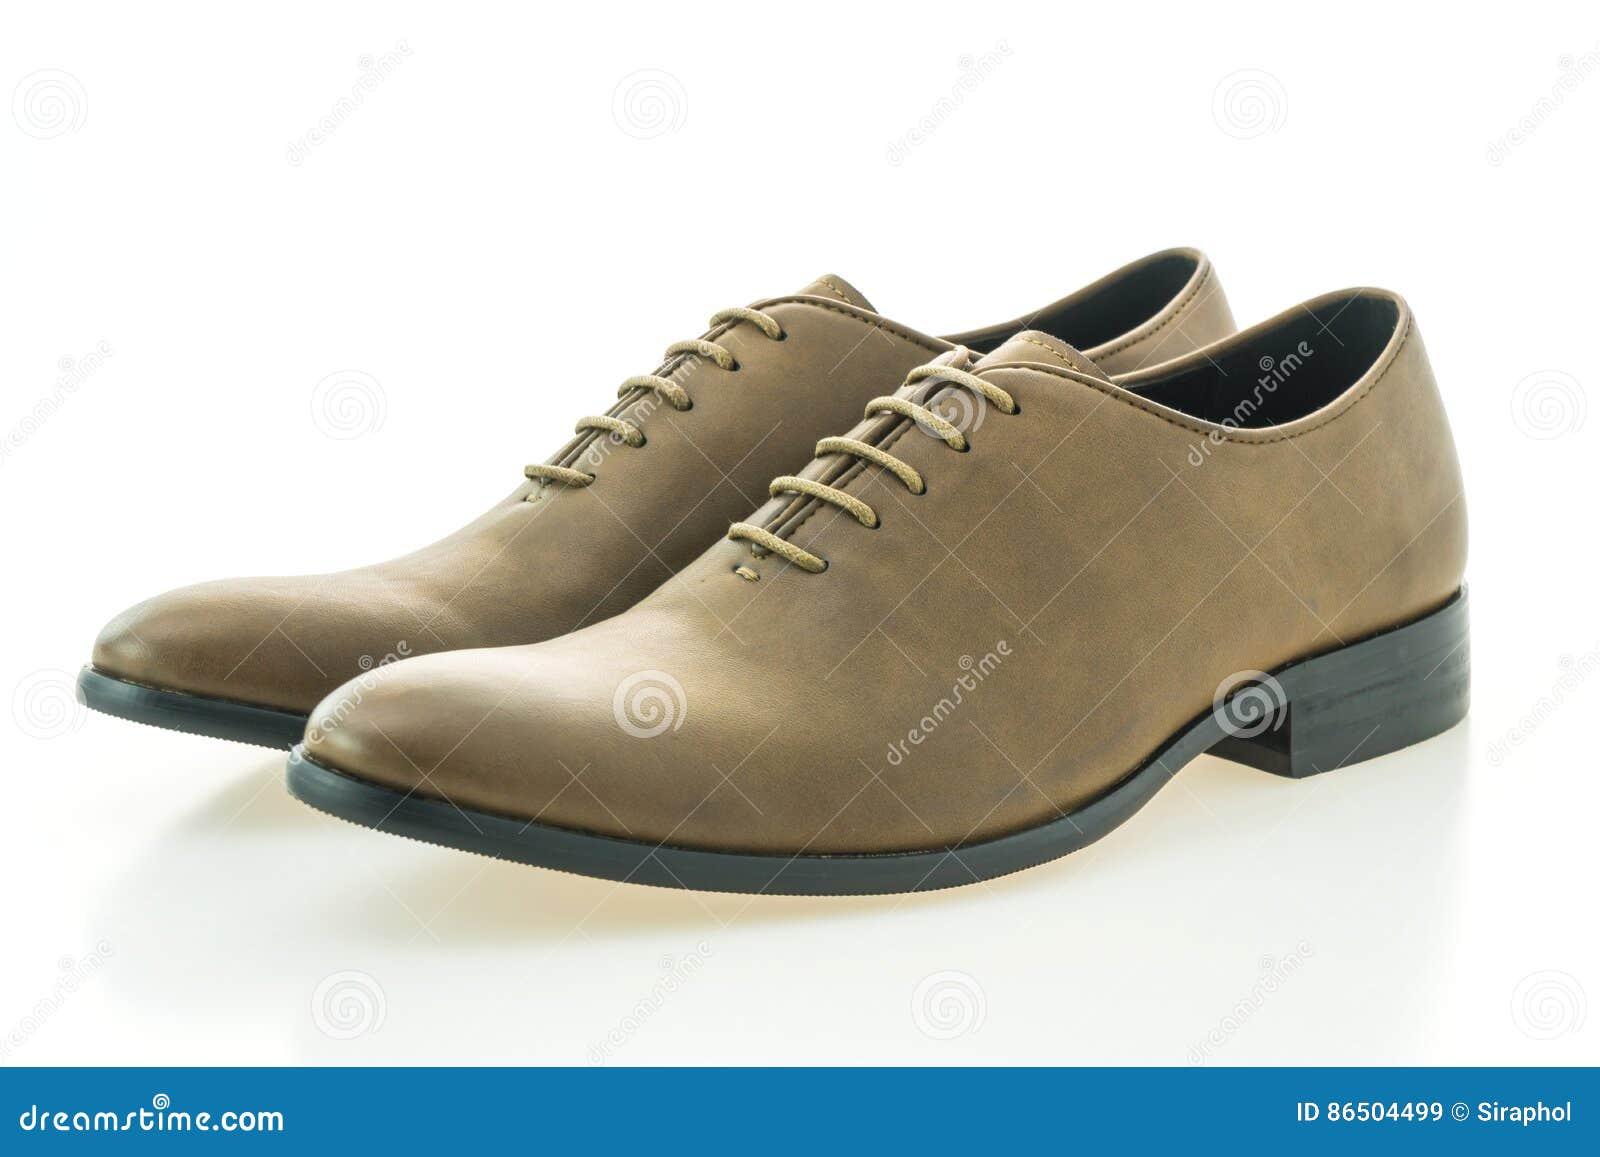 fe65ebd0de Zapatos marrones de cuero hermosos de los hombres de la elegancia y del  lujo aislados en el fondo blanco